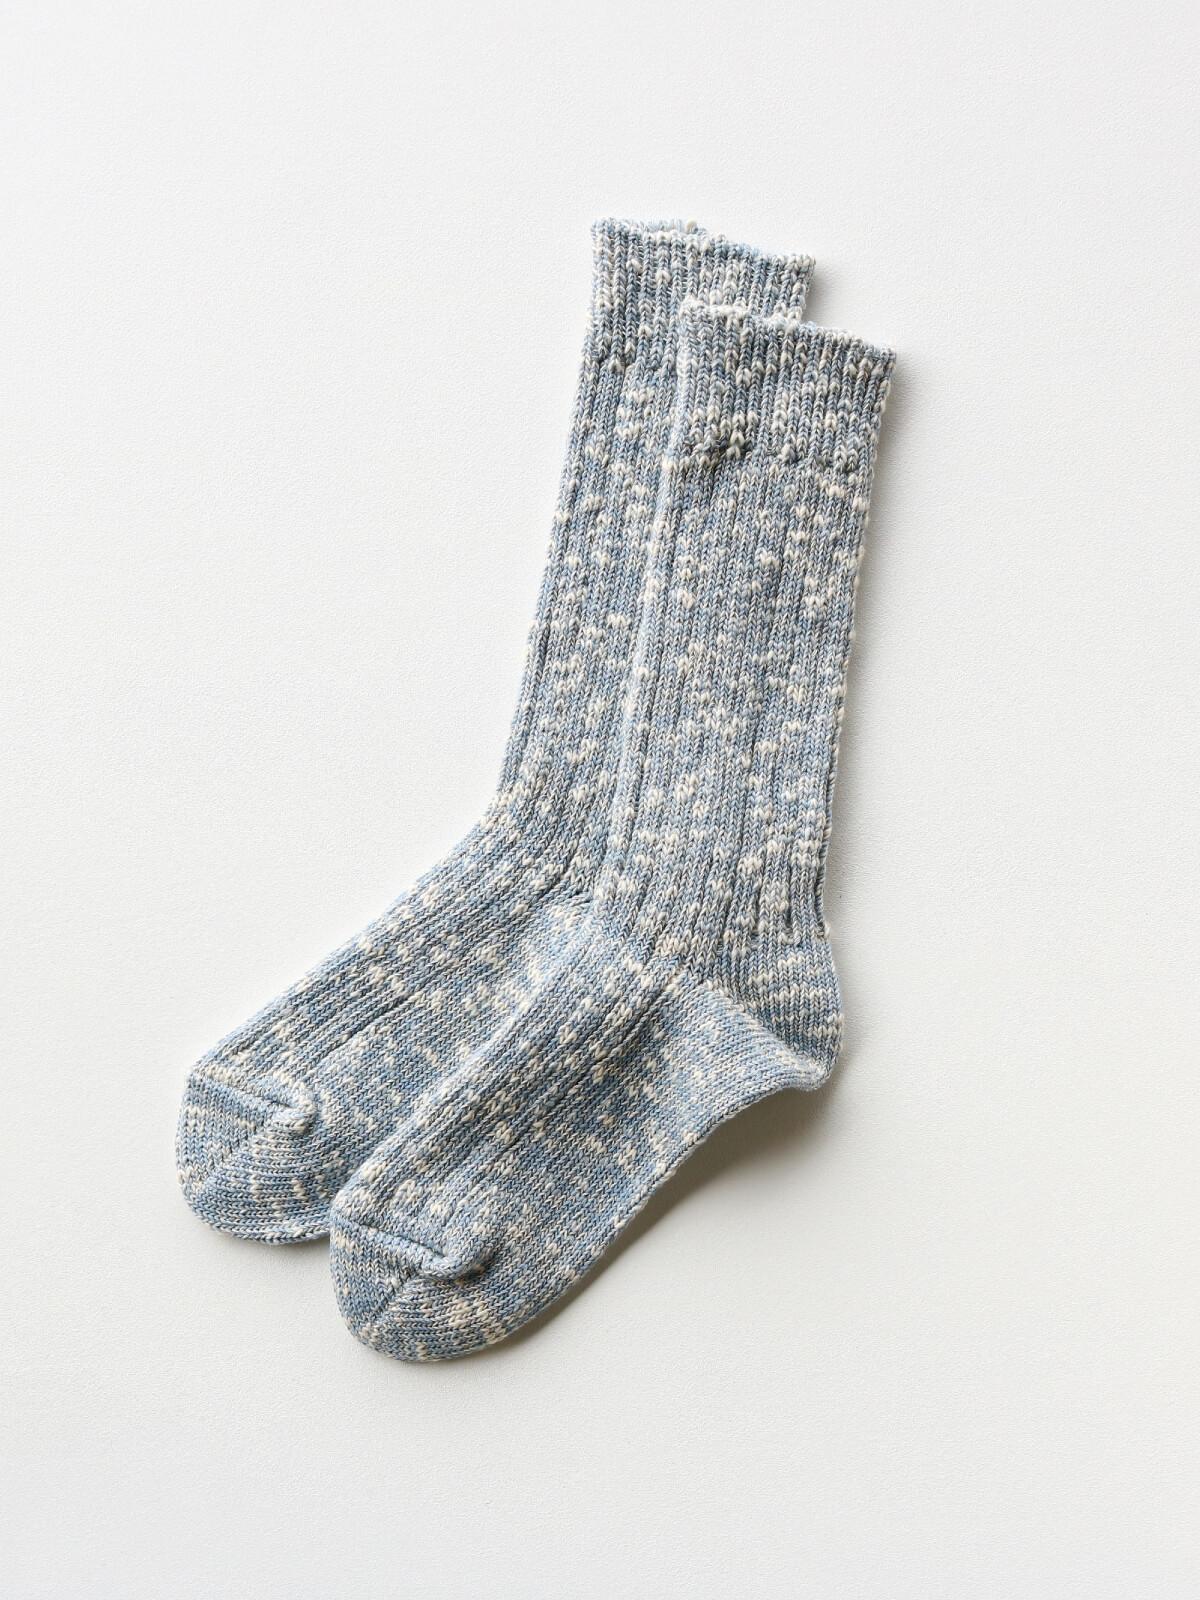 当たりつきギフト専用靴下のLUCKY SOCKS(ラッキーソックス)のMix Rib Socks(ミックスリブソックス)のスチールブルー_2